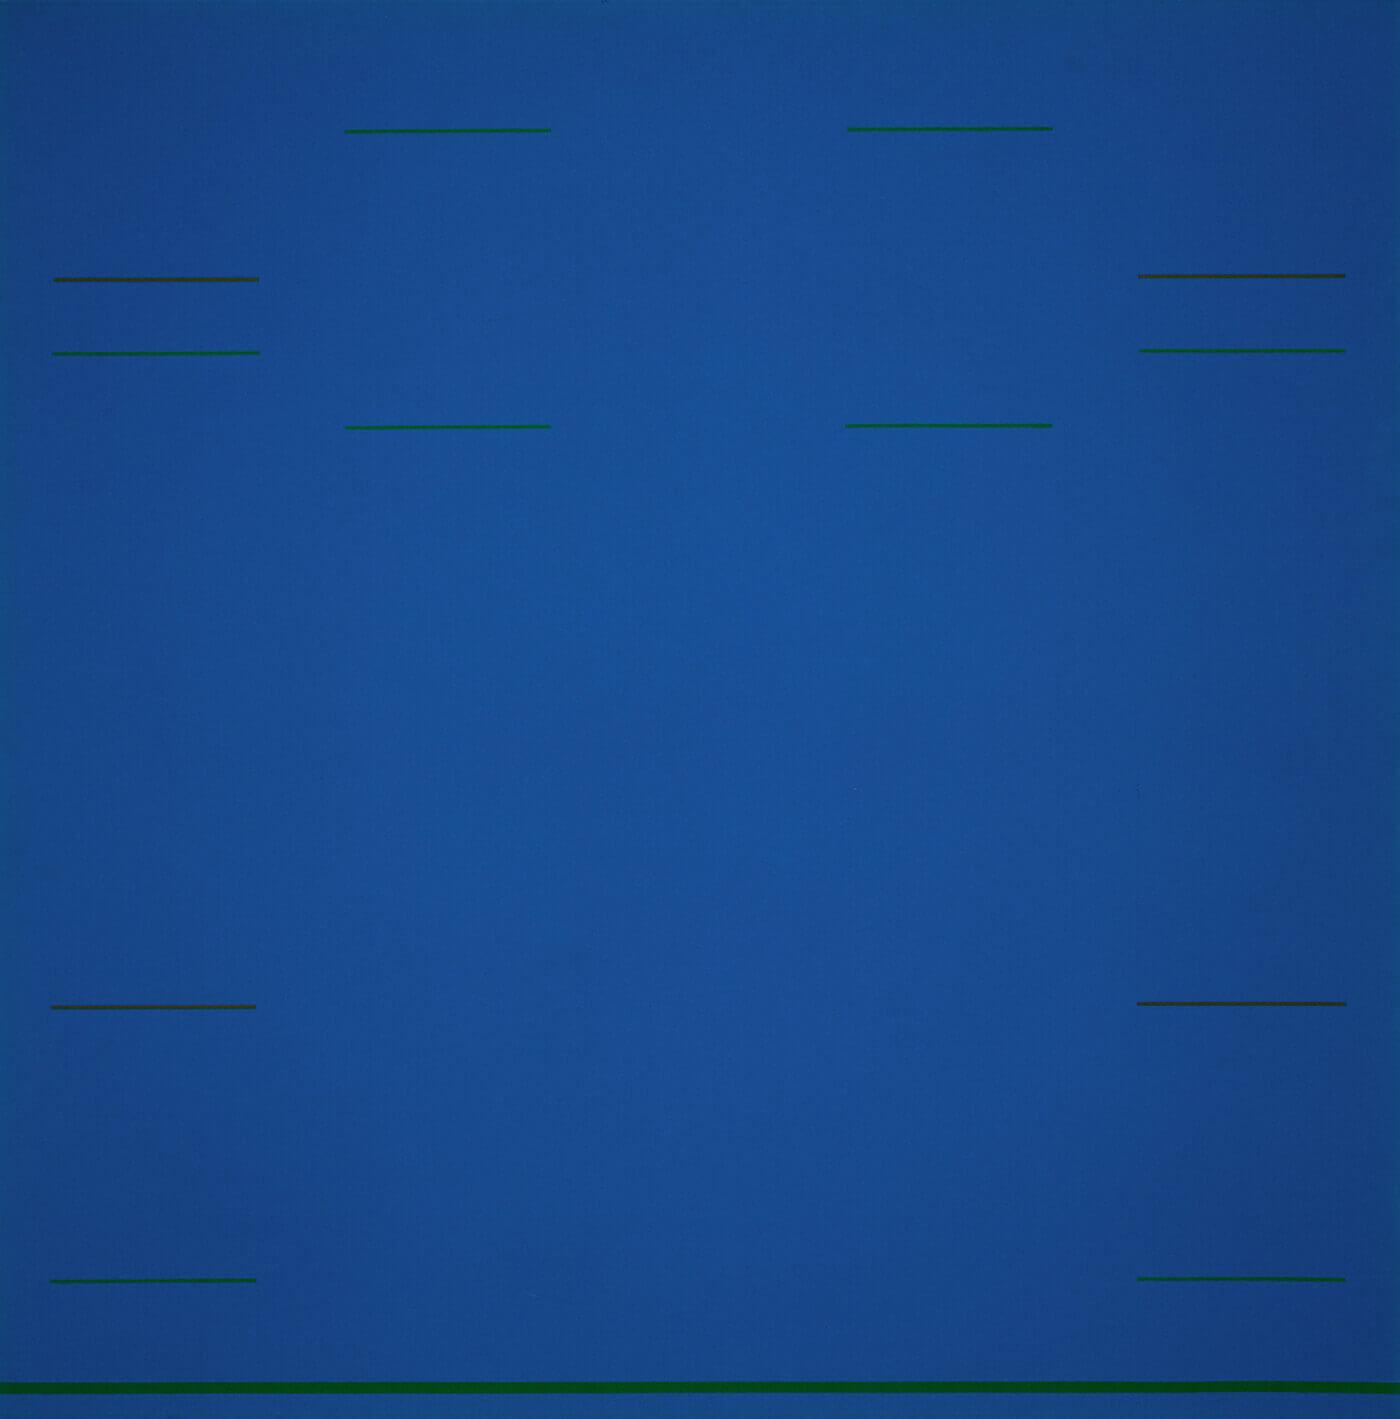 Yves Gaucher,Blue Raga, 1967